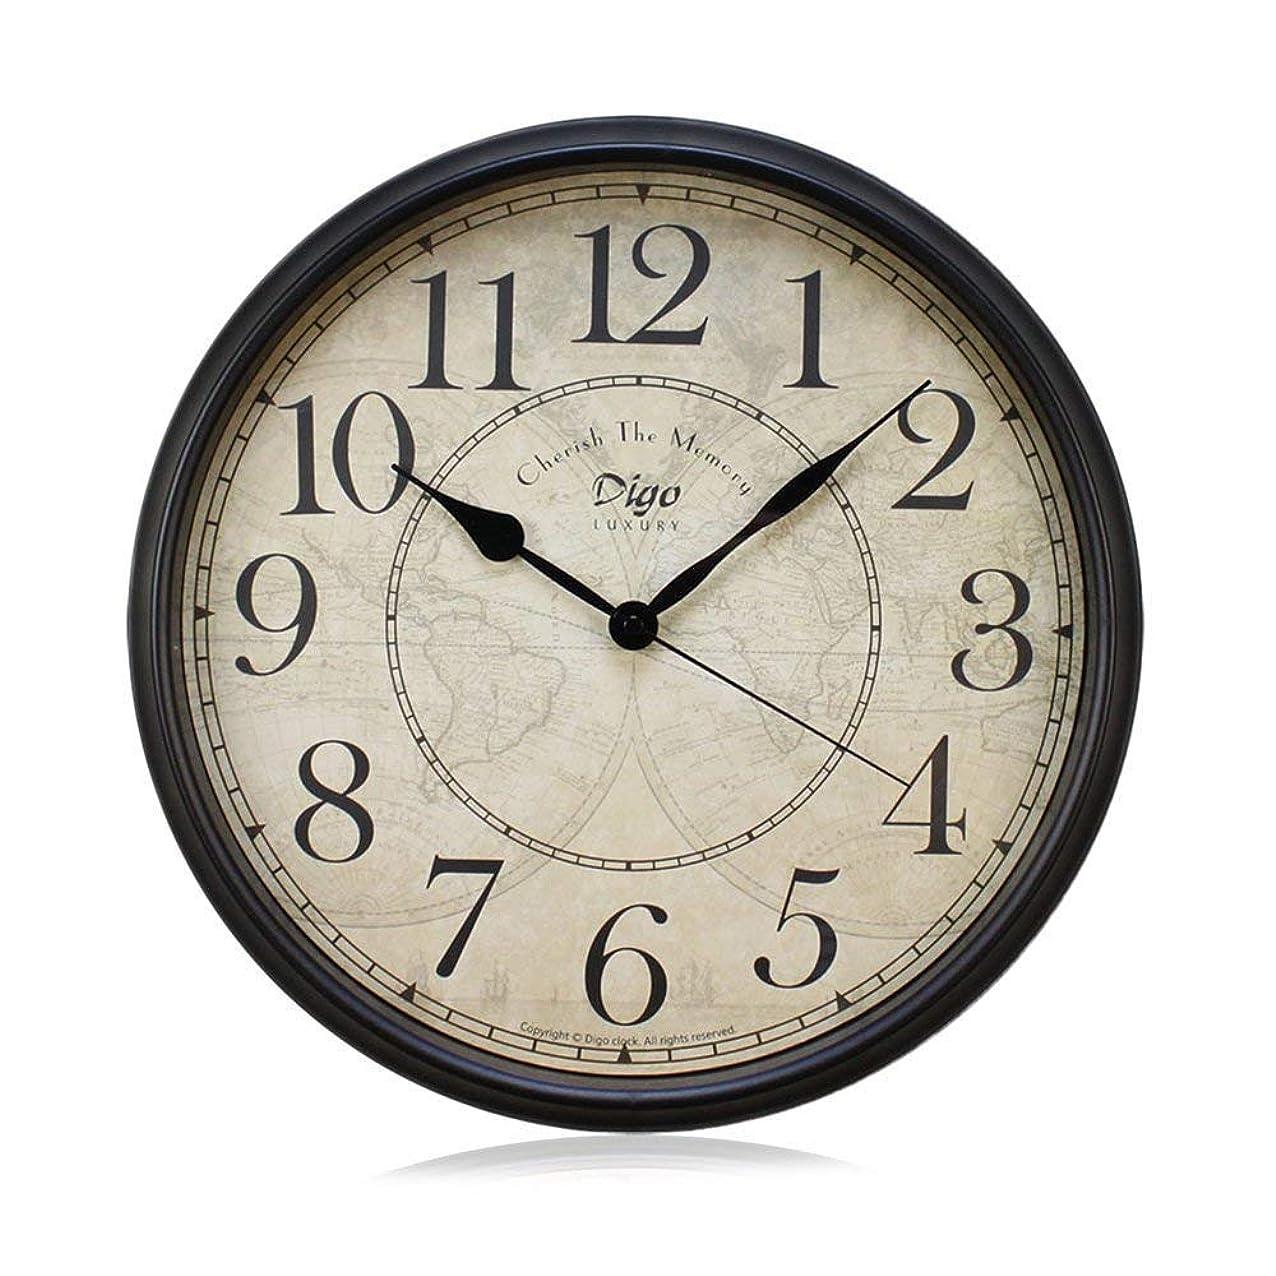 目の前のロック解除窓掛け時計 欧風 おしゃれなインテリア 時計 連続秒針 音無し 電池式 直径約30cm (アラブ)